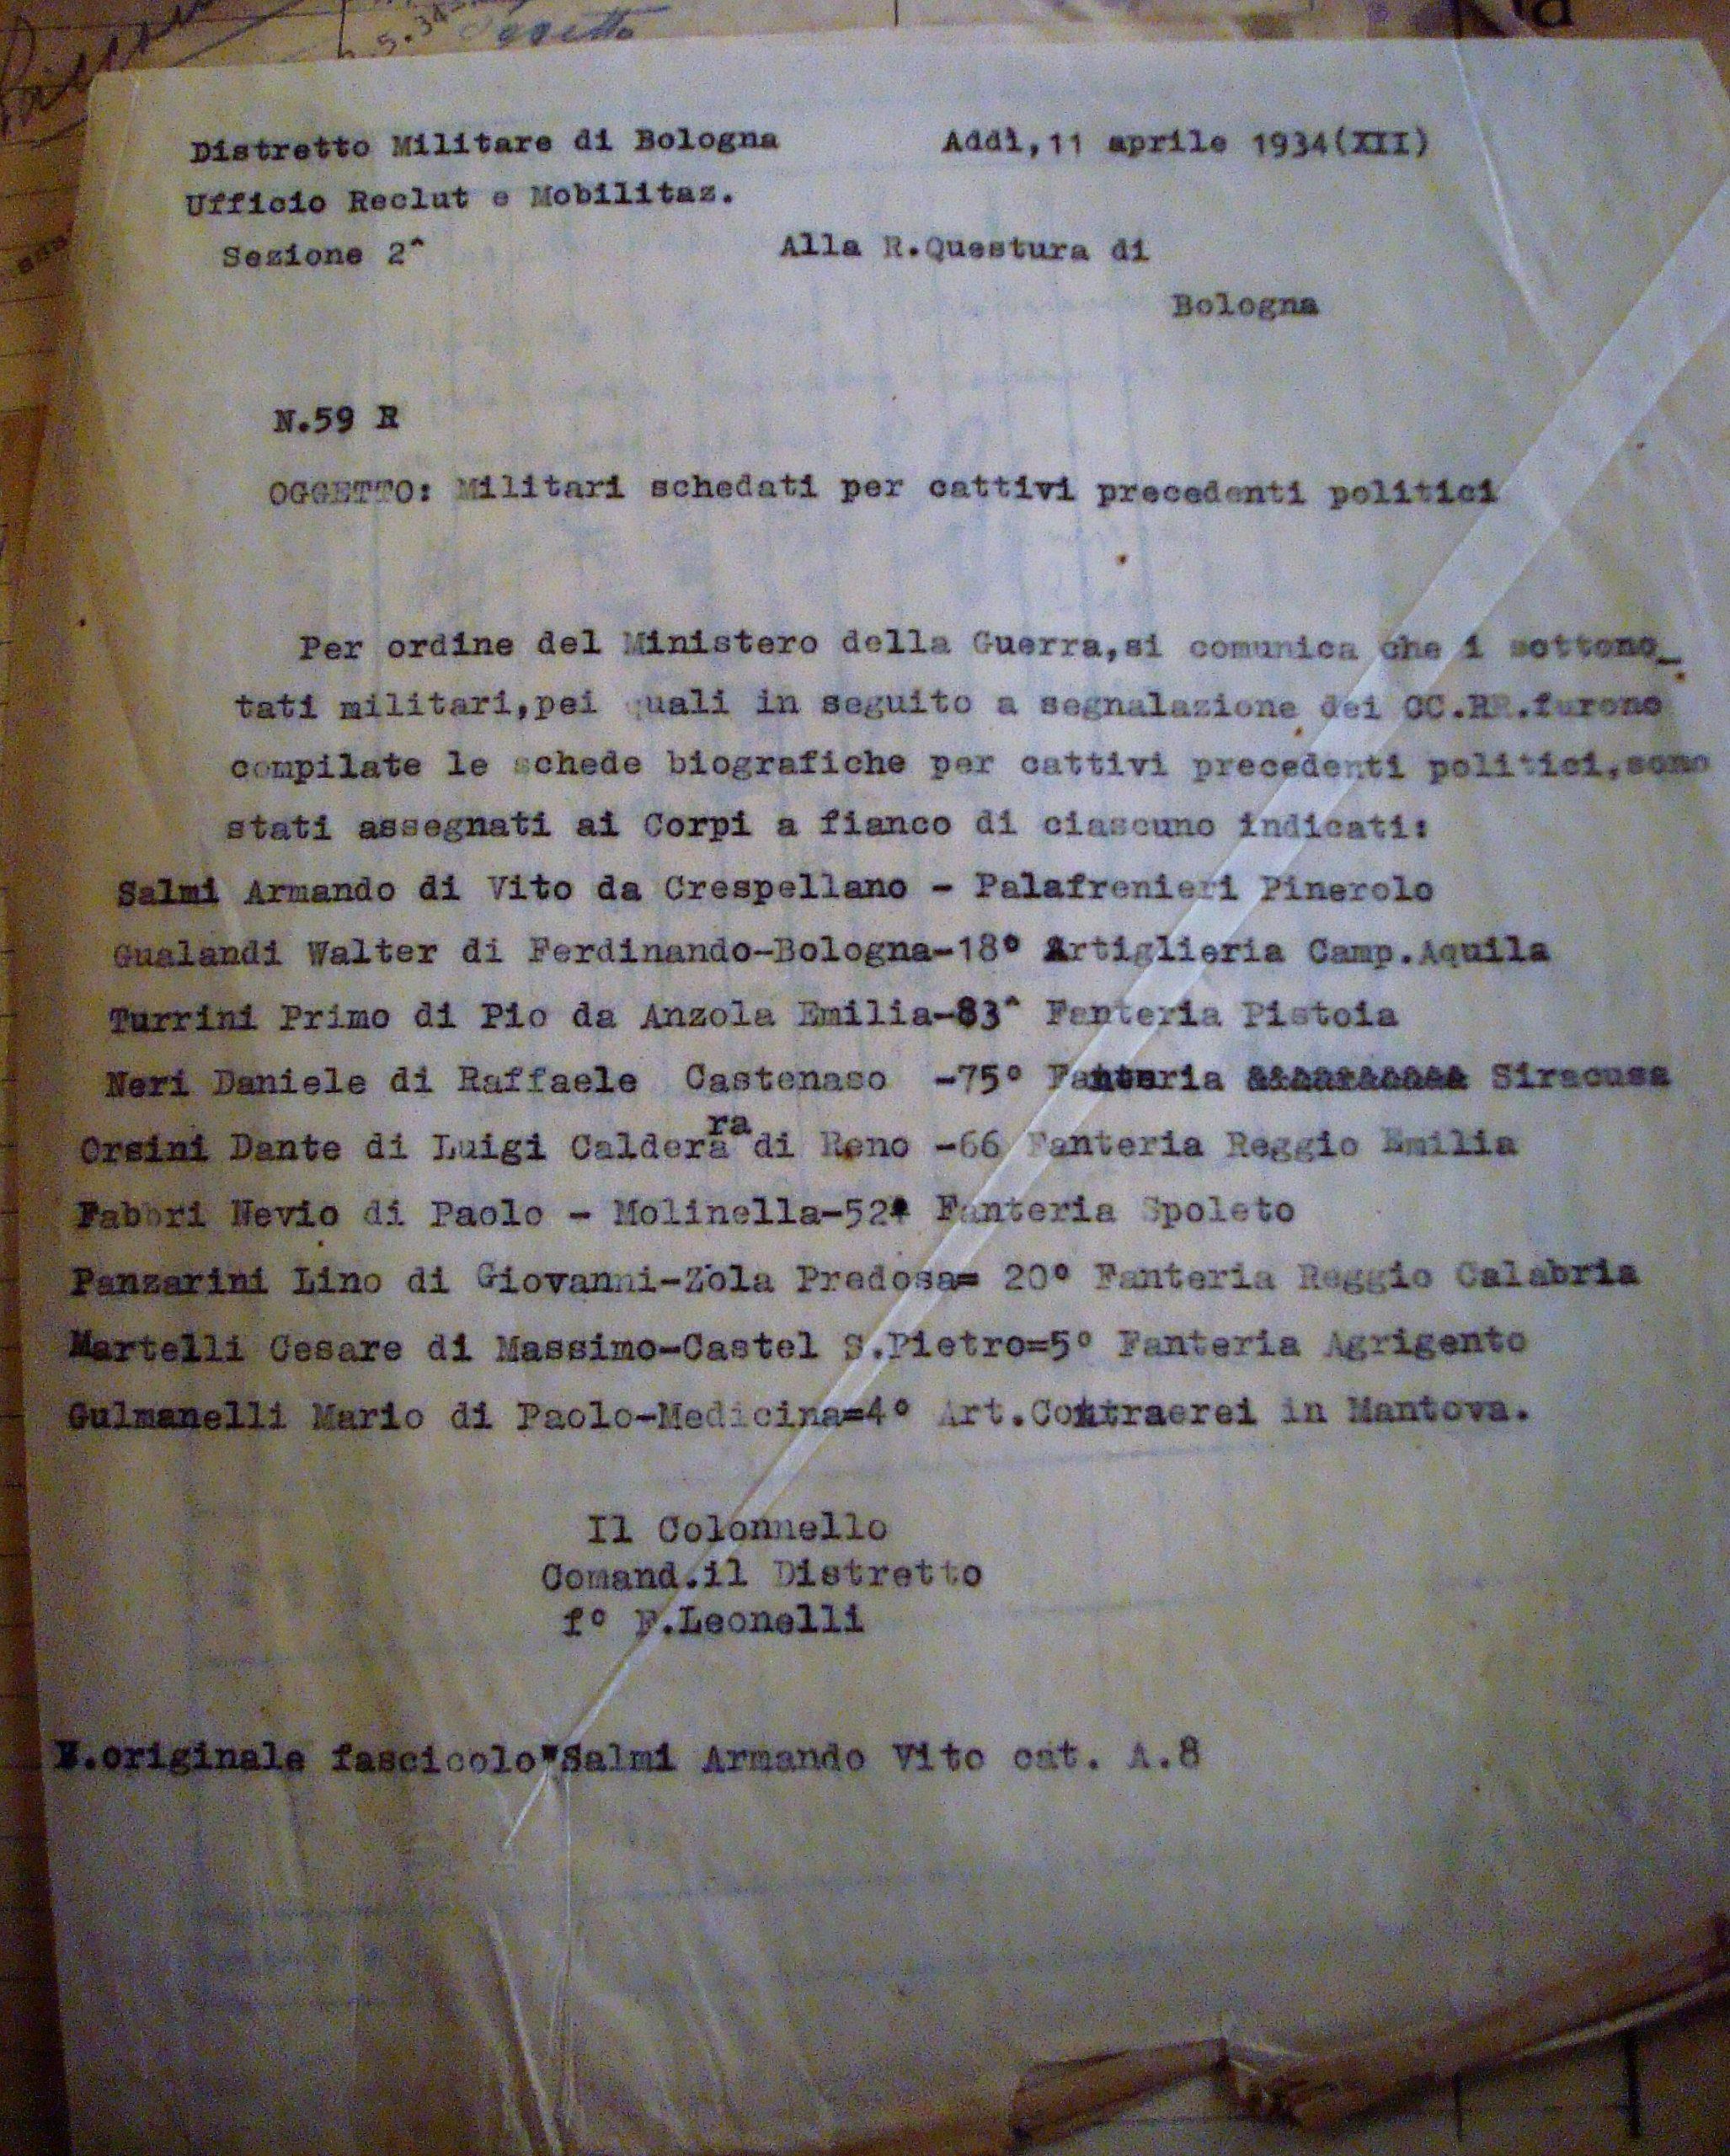 La comunicazione del Distretto Militare di Bologna alla Questura sul servizio militare di Lino Panzarini e gli altri otto militari schedati per motivi politici. Archivio di Stato di Bologna.